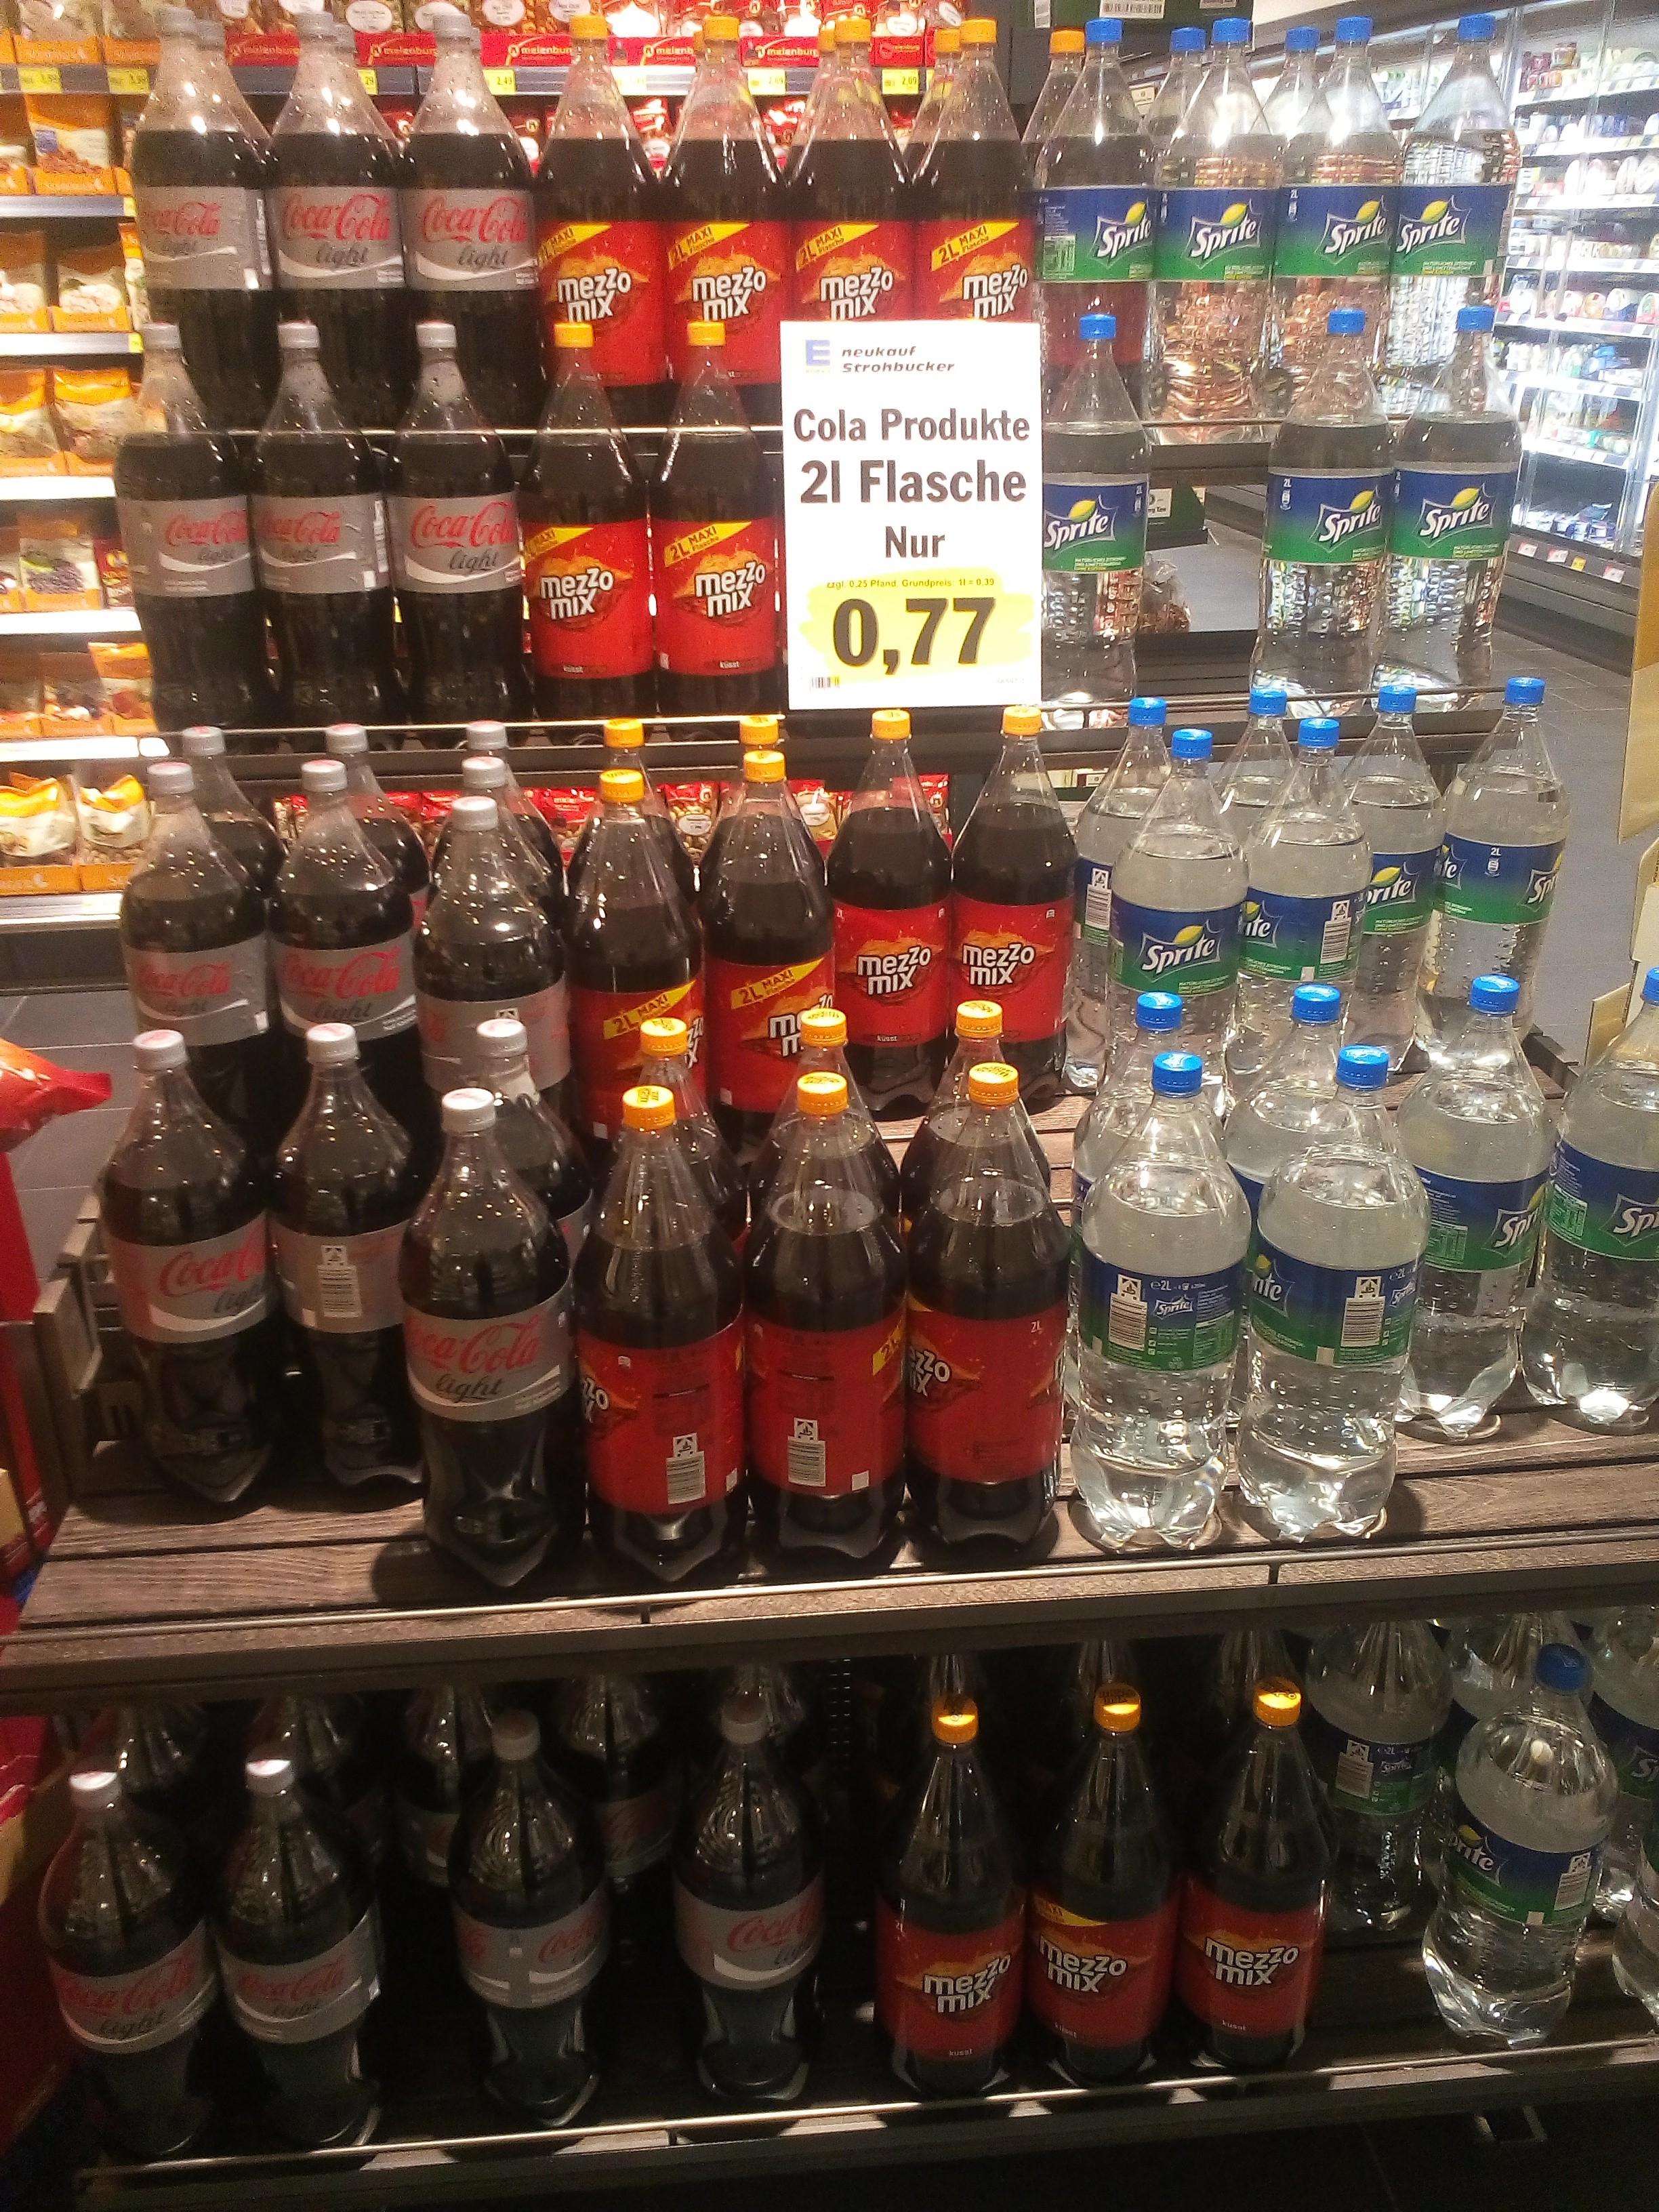 [Lokal Everswinkel] 2l Sprite, Mezzo Mix oder Coca Cola Light für 0,77€ bei Edeka Strohbücker (Literpreis 38,5 Cent!)